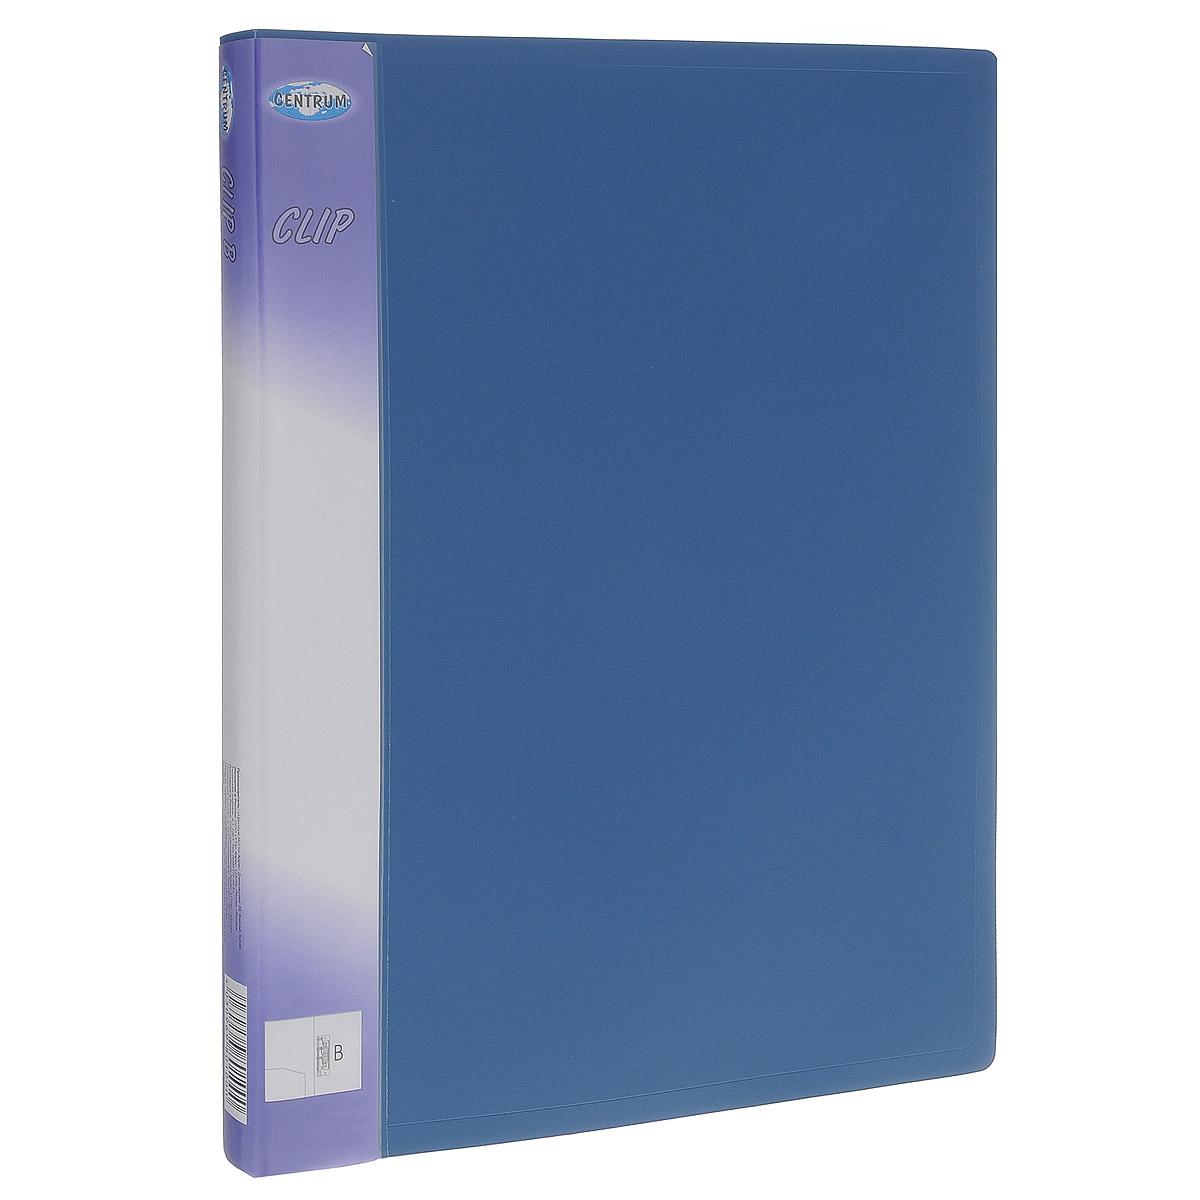 Папка с боковым зажимом Centrum Clip, цвет: синий. Формат А4MF15-P3Папка с боковым зажимом Centrum Clip - это удобный и практичный офисный инструмент,предназначенный для хранения и транспортировки рабочих бумаг и документов формата А4.Папка изготовлена из прочного пластика и оснащена металлическим зажимом и внутренним прозрачным кармашком.Папка с боковым зажимом - это незаменимый атрибут для студента, школьника, офисного работника. Такая папка надежно сохранит ваши документы и сбережет их от повреждений, пыли и влаги.